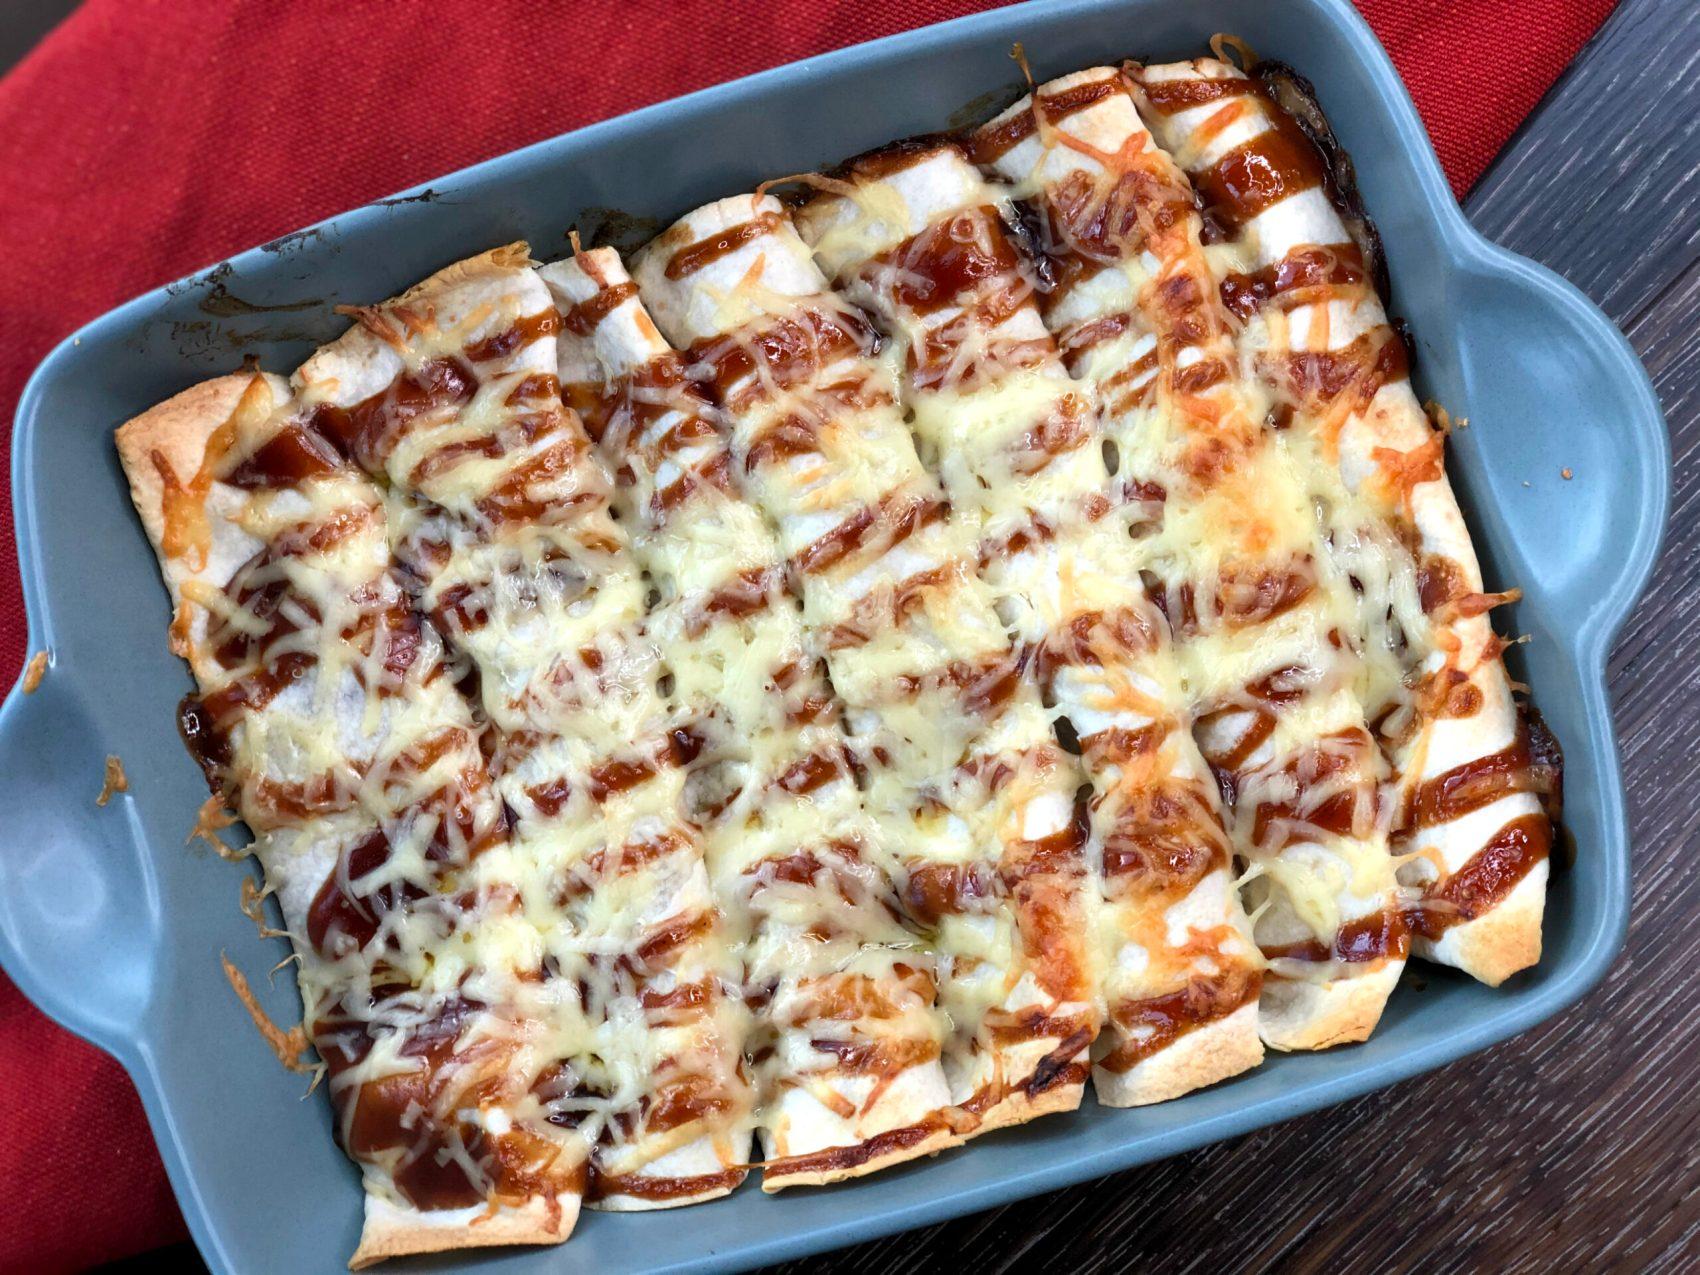 BBQ Pulled Pork Chicken Enchiladas